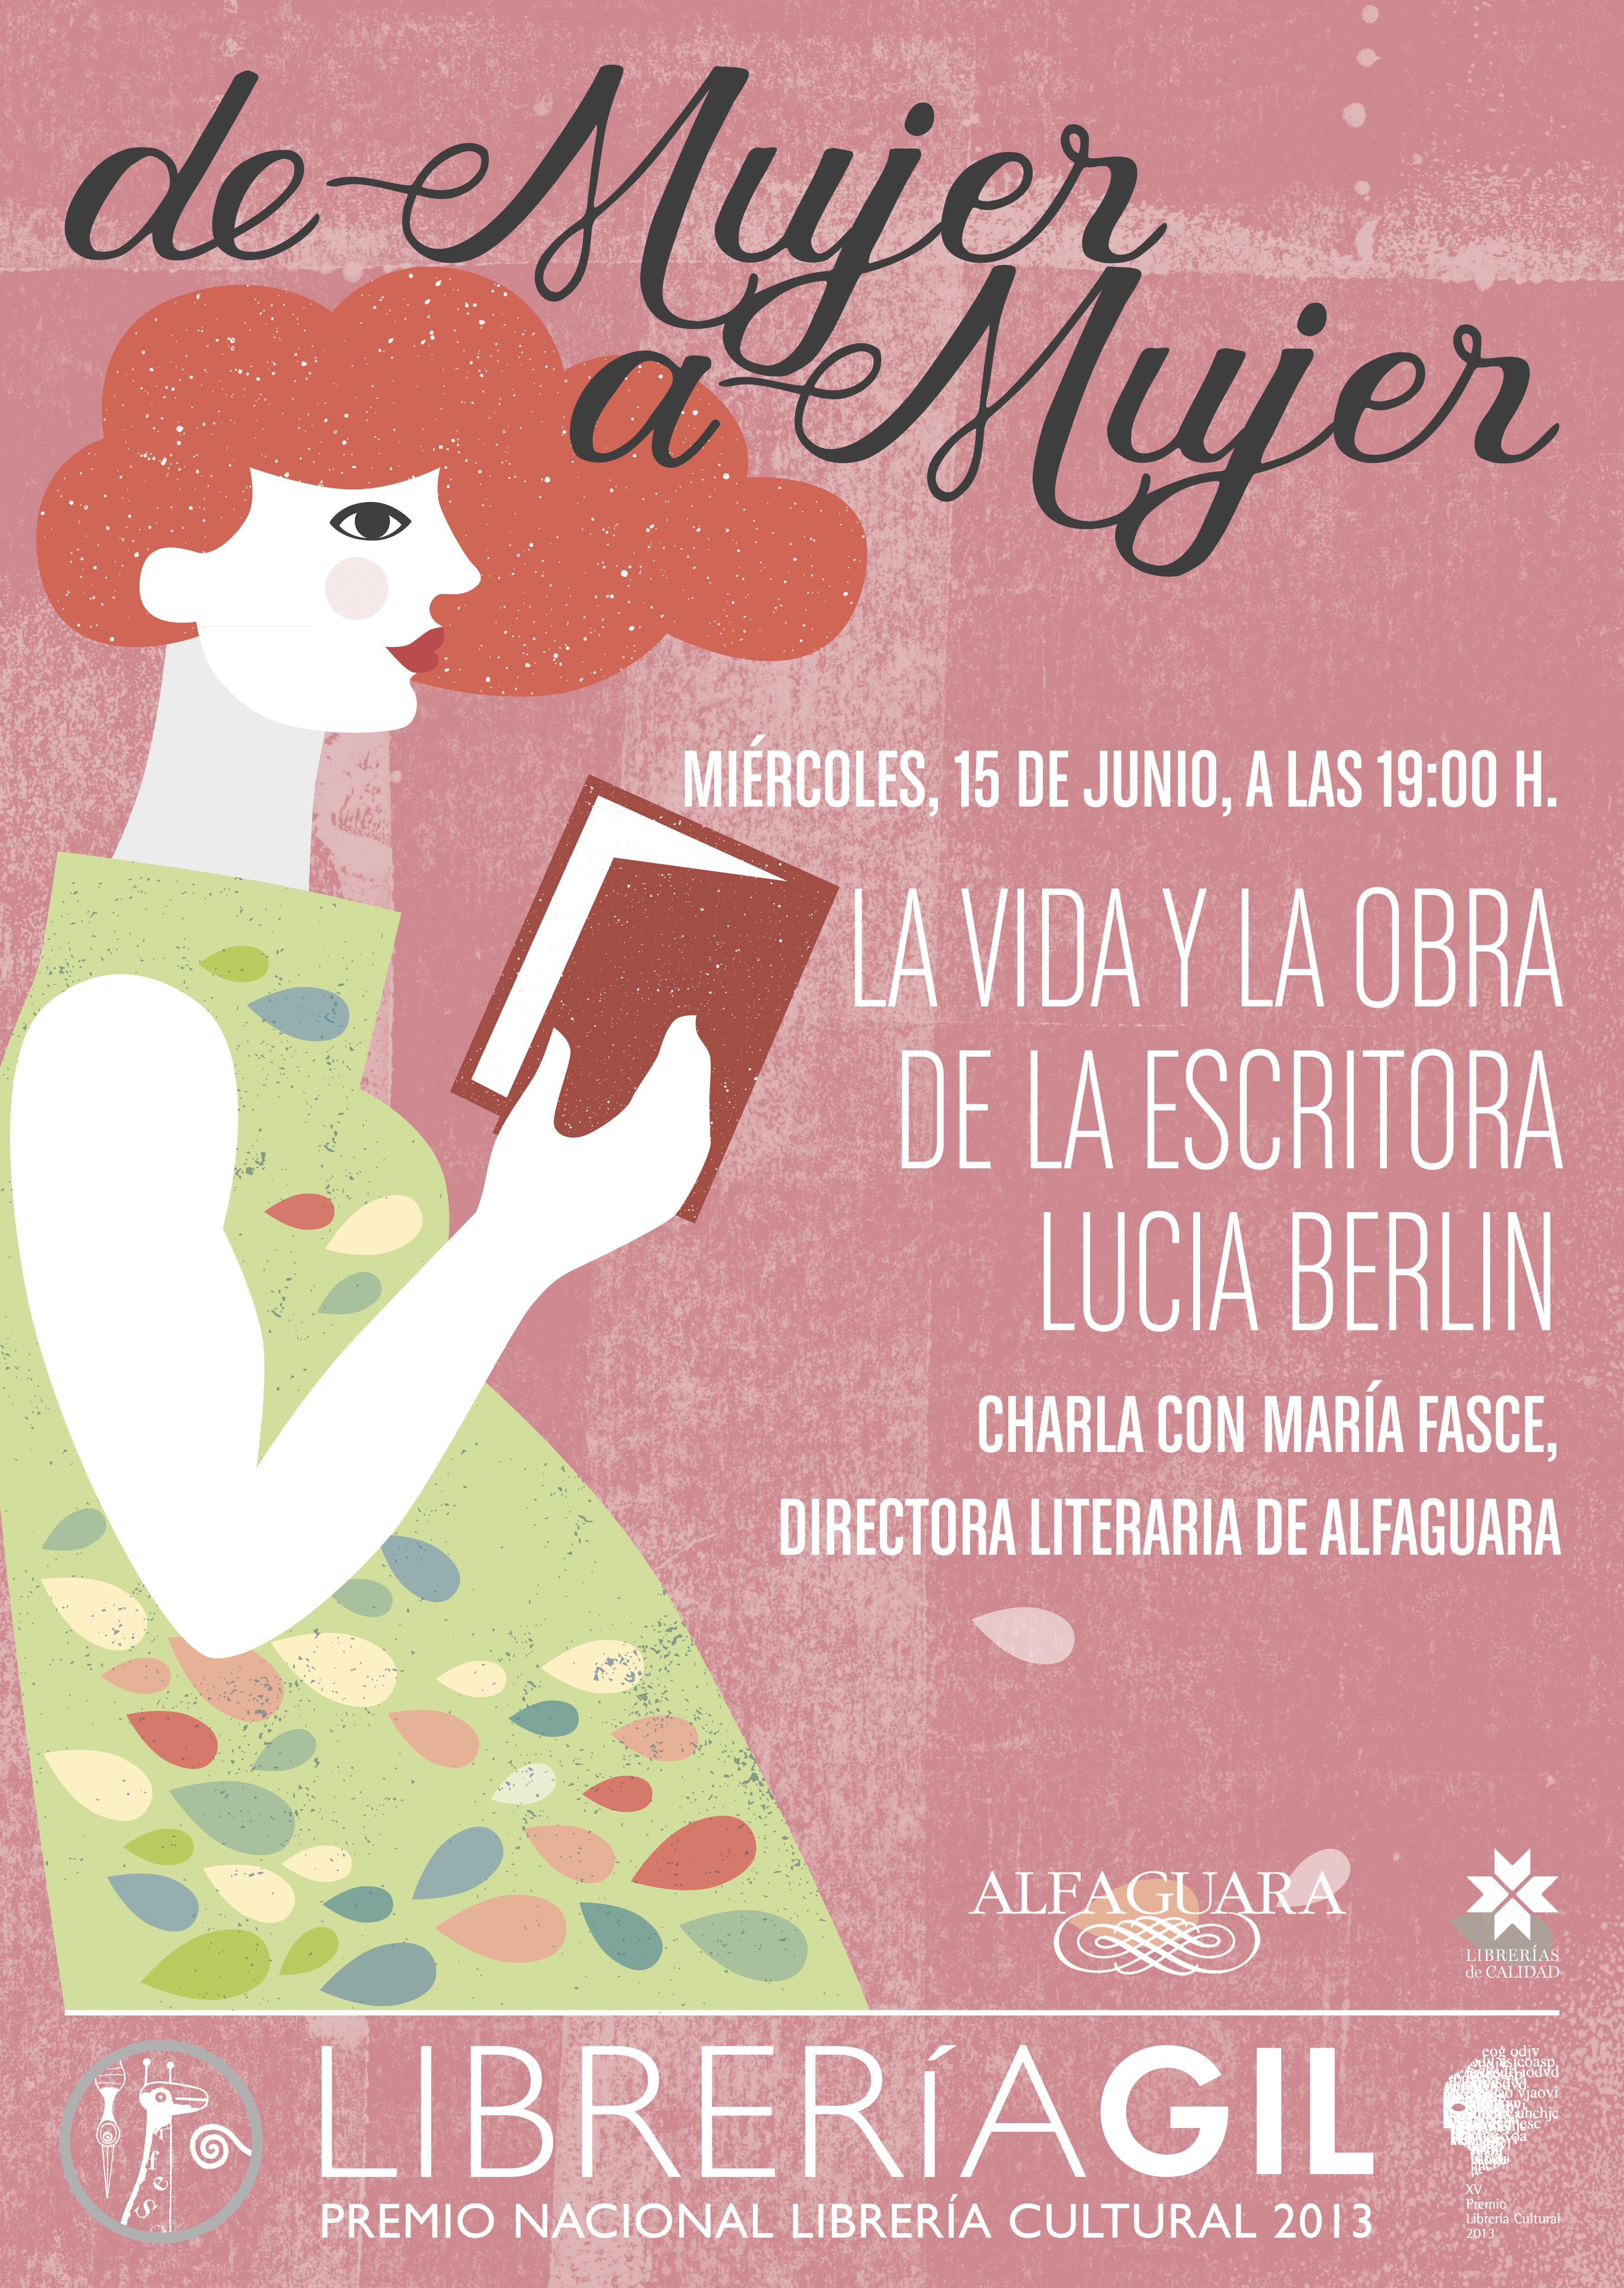 Las jornadas 'De mujer a mujer' de Librería Gil descubren la obra de Lucía Berlín.